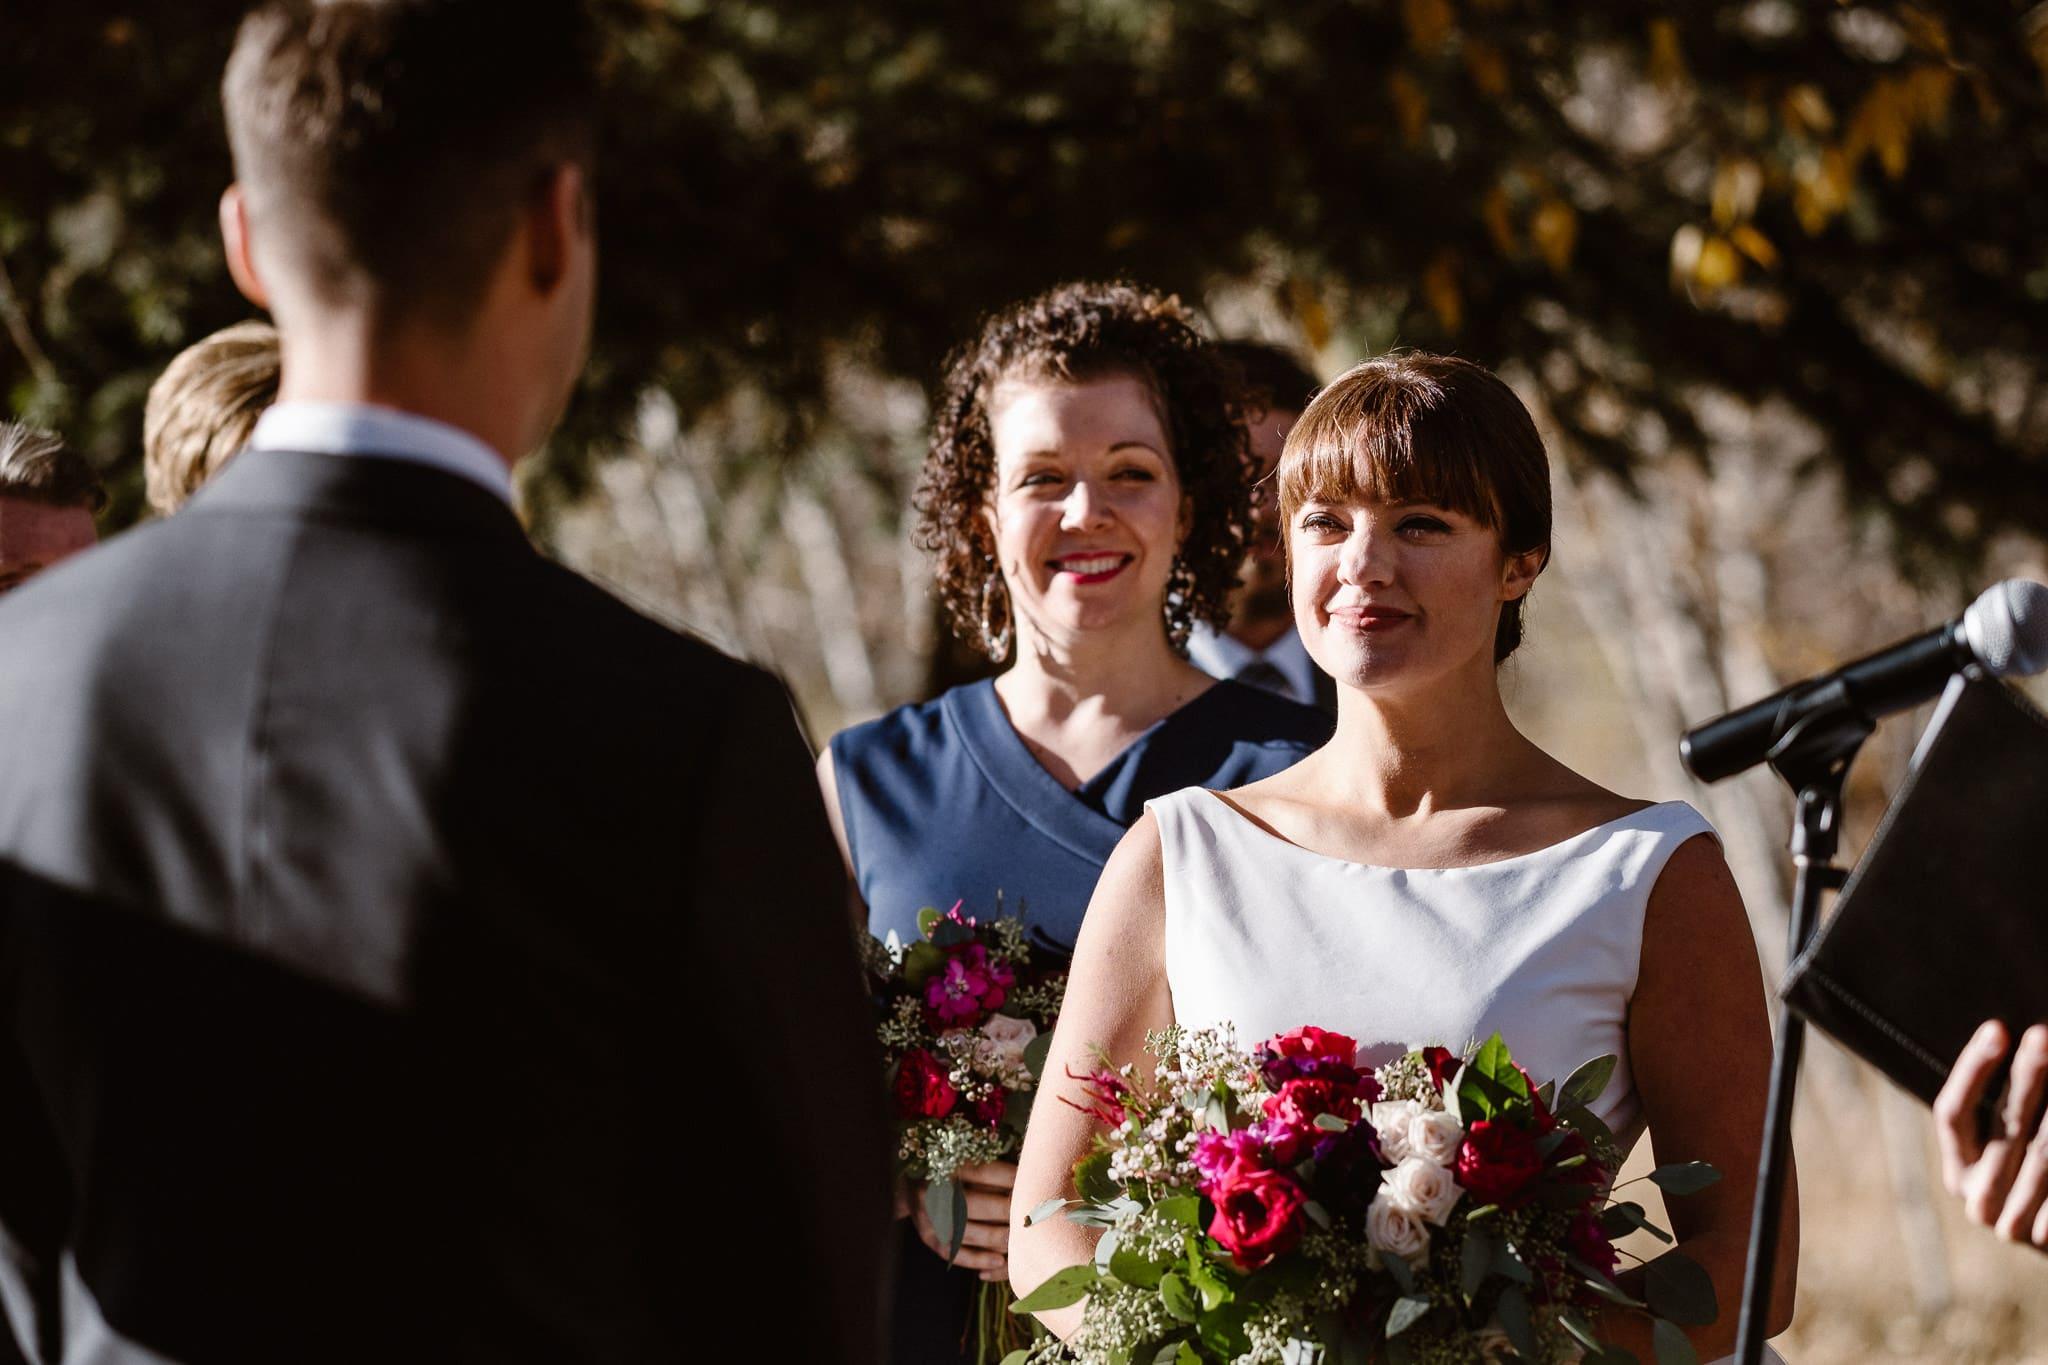 Silverthorne Pavilion wedding ceremony, Colorado wedding photographer, outdoor wedding ceremony